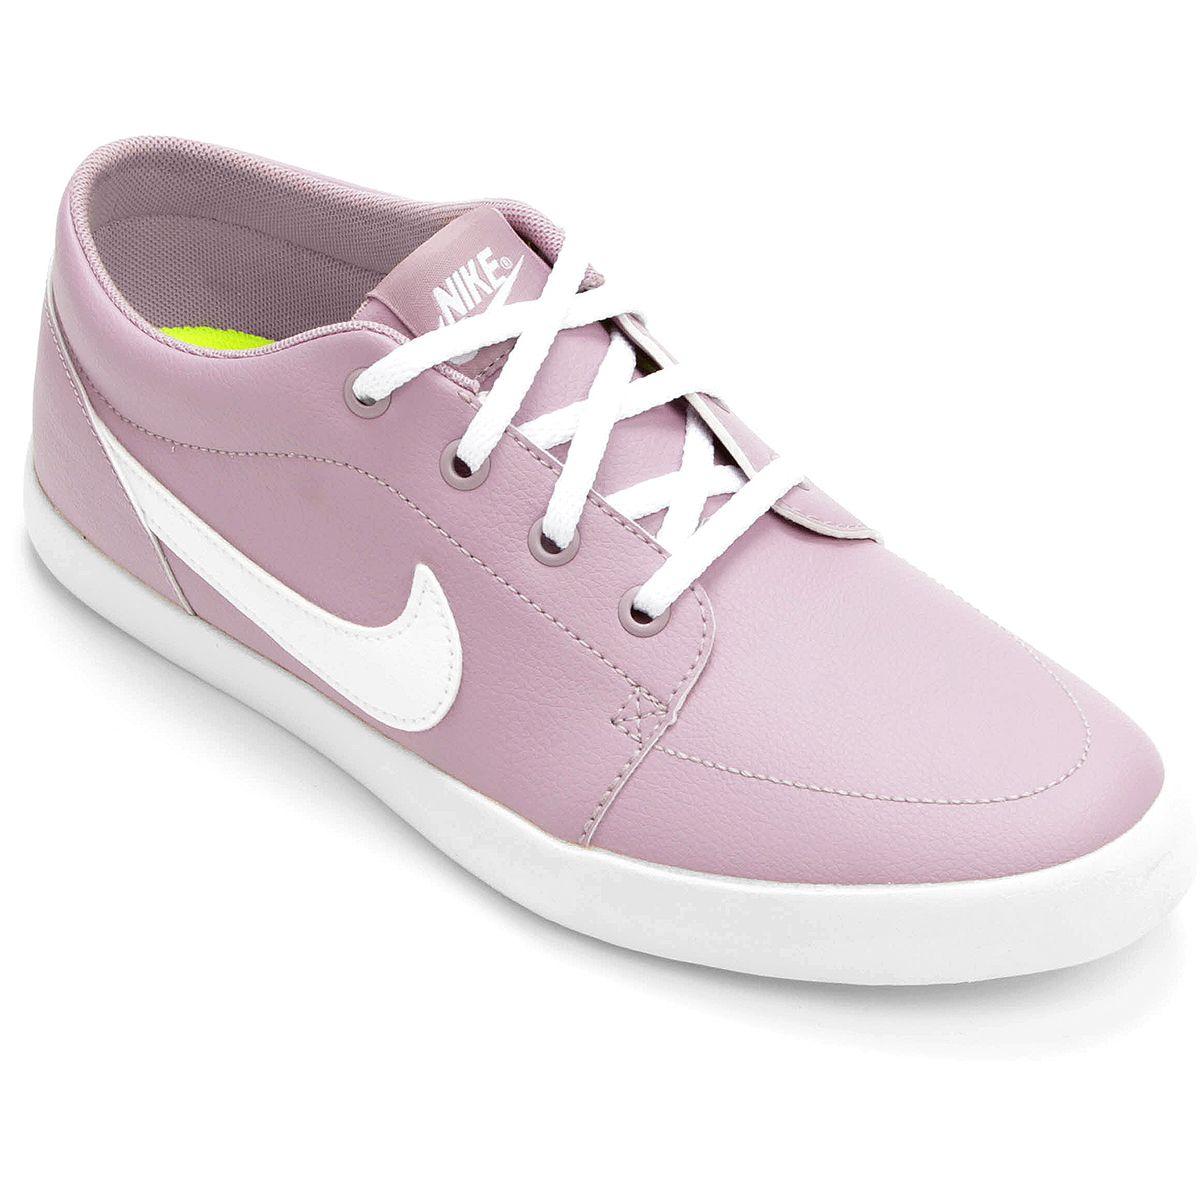 fd88977baf19d Tênis Nike Futslide Sl Feminino - Rosa e Branco | Tênis | Nike ...